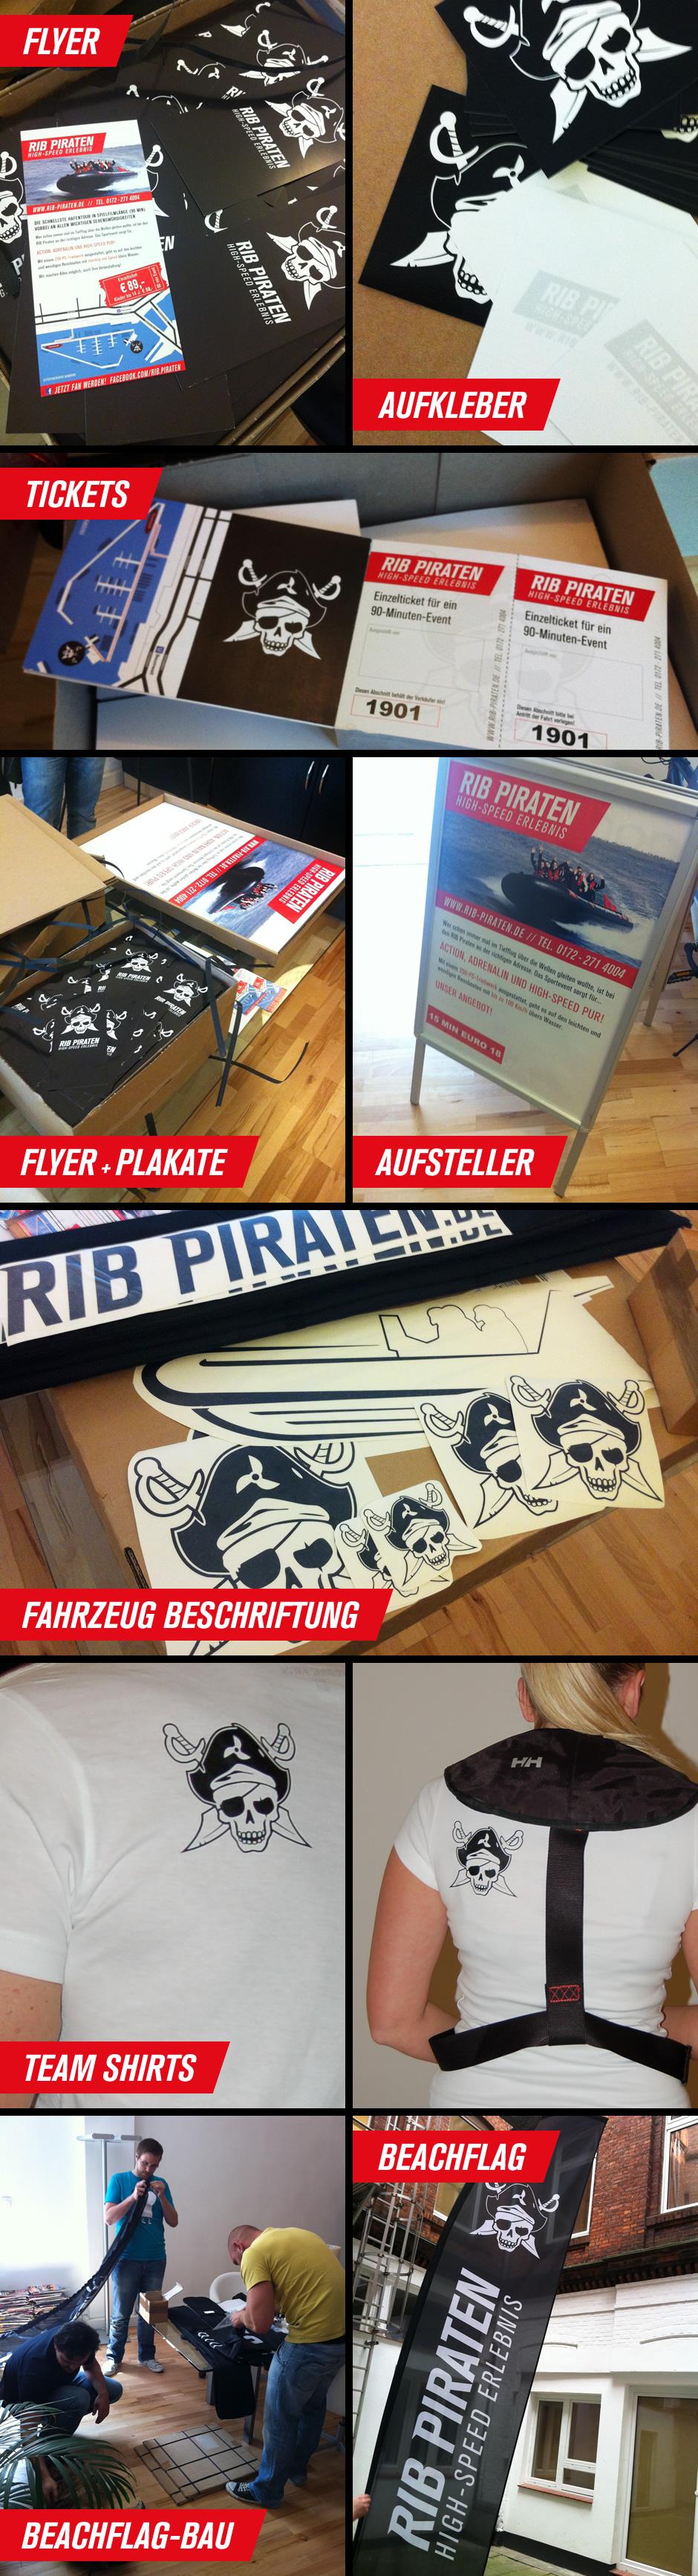 Eine ganze Menge Print-Kram für die RIB Piraten